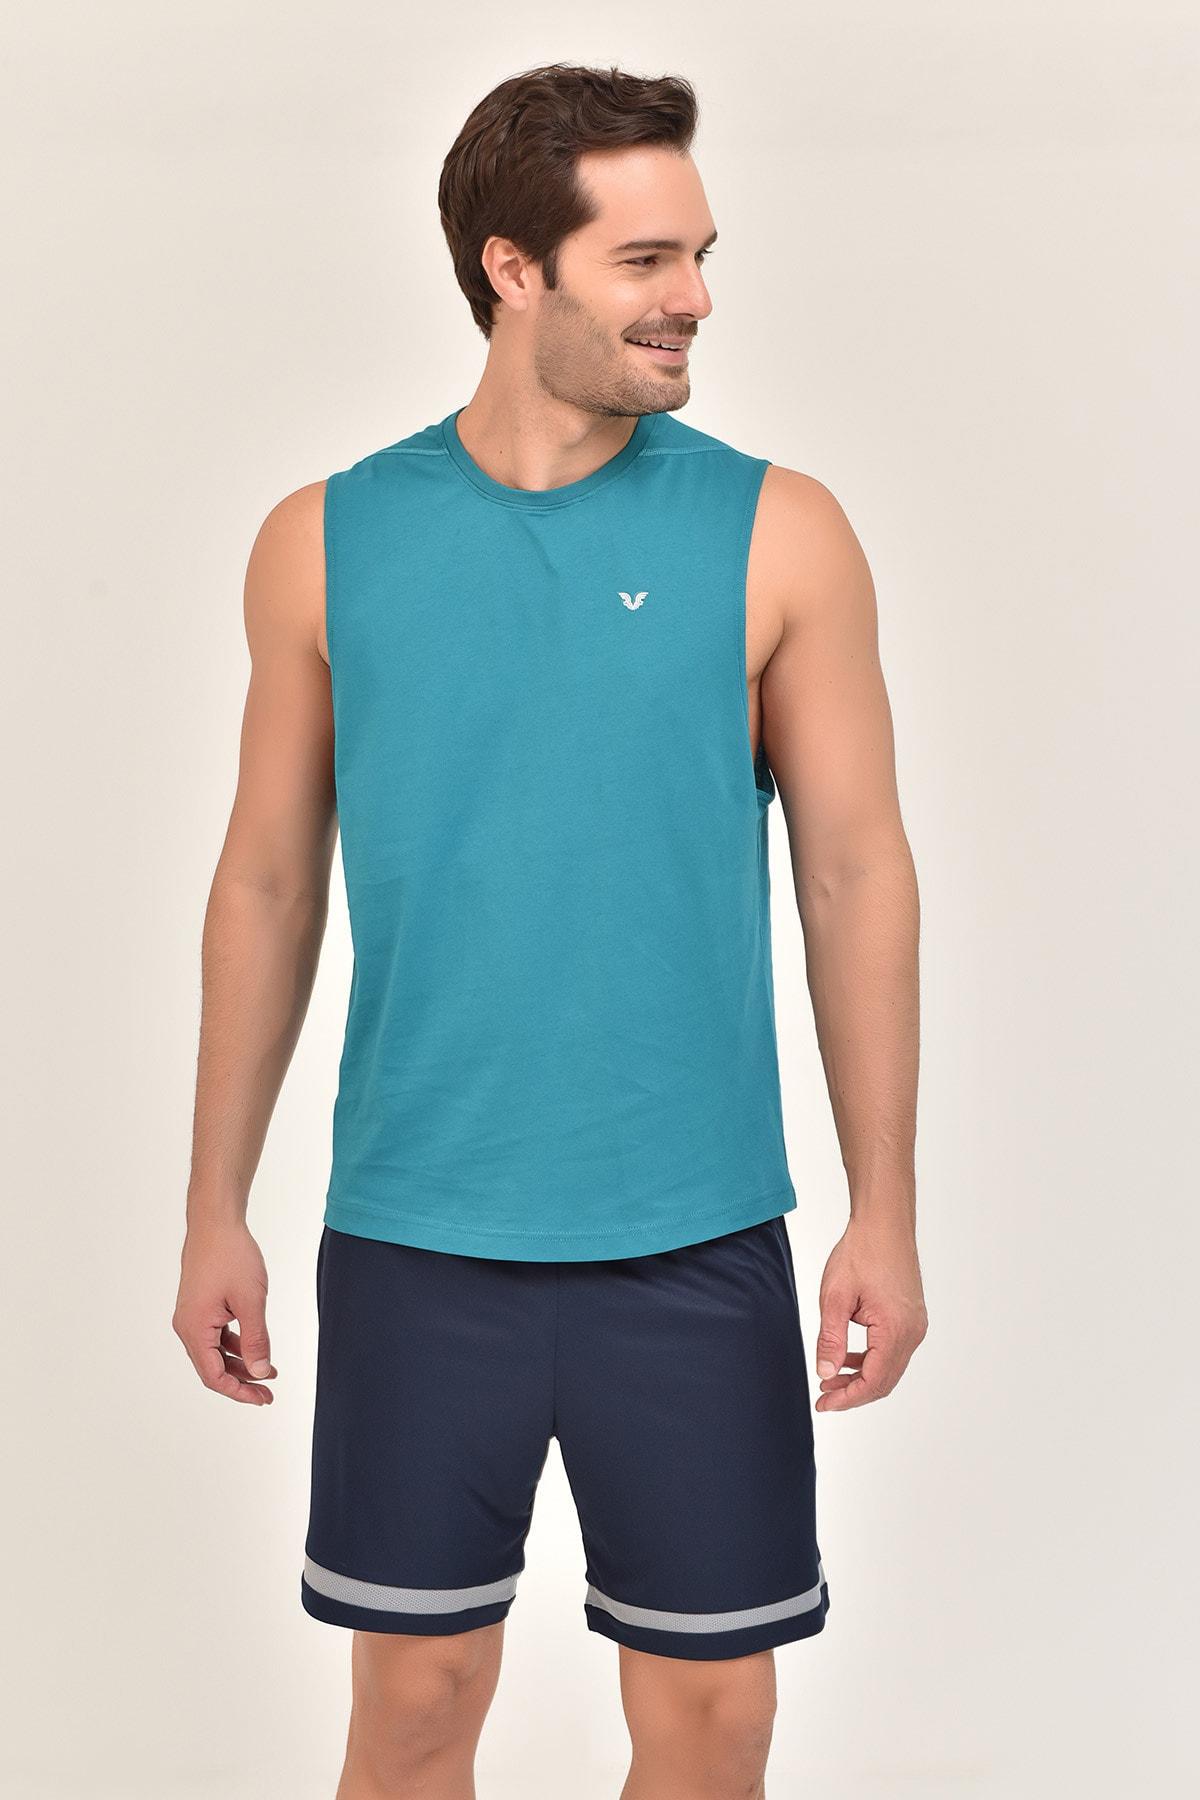 bilcee Yeşil Pamuklu Erkek Atlet FS-1622 2